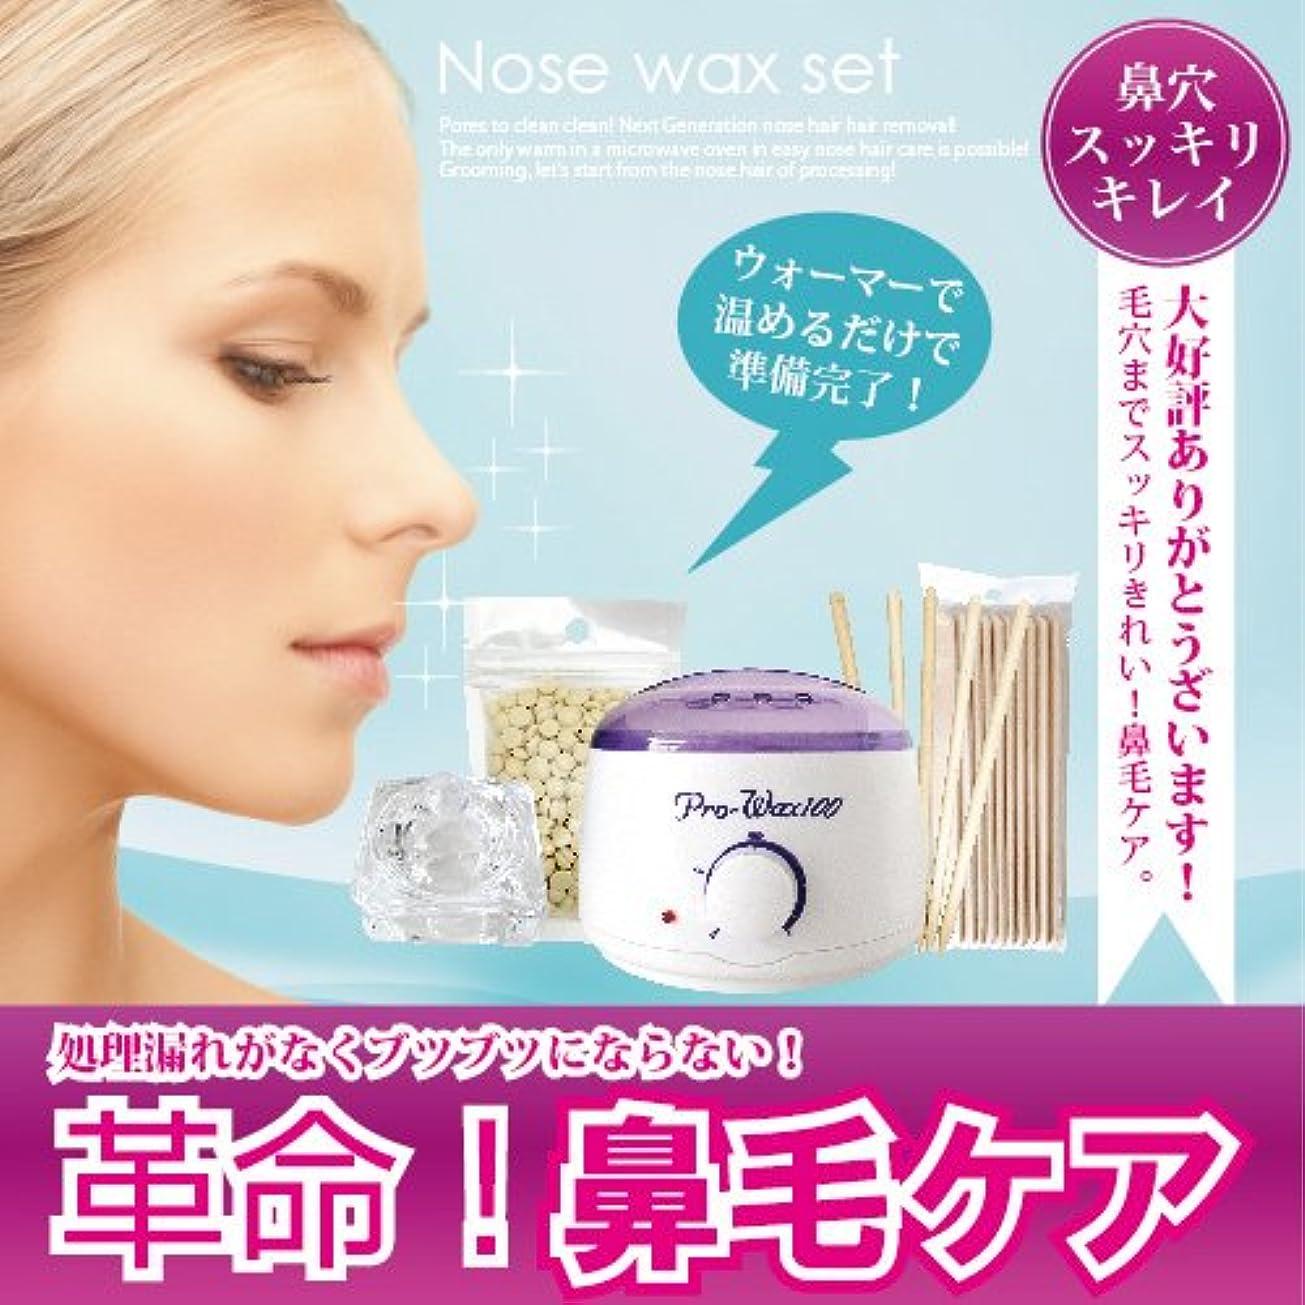 協力ギャング実験ブラジリアンワックス Nose wax setウォーマー付ノーズワックス鼻毛ケアセット(約12回分)